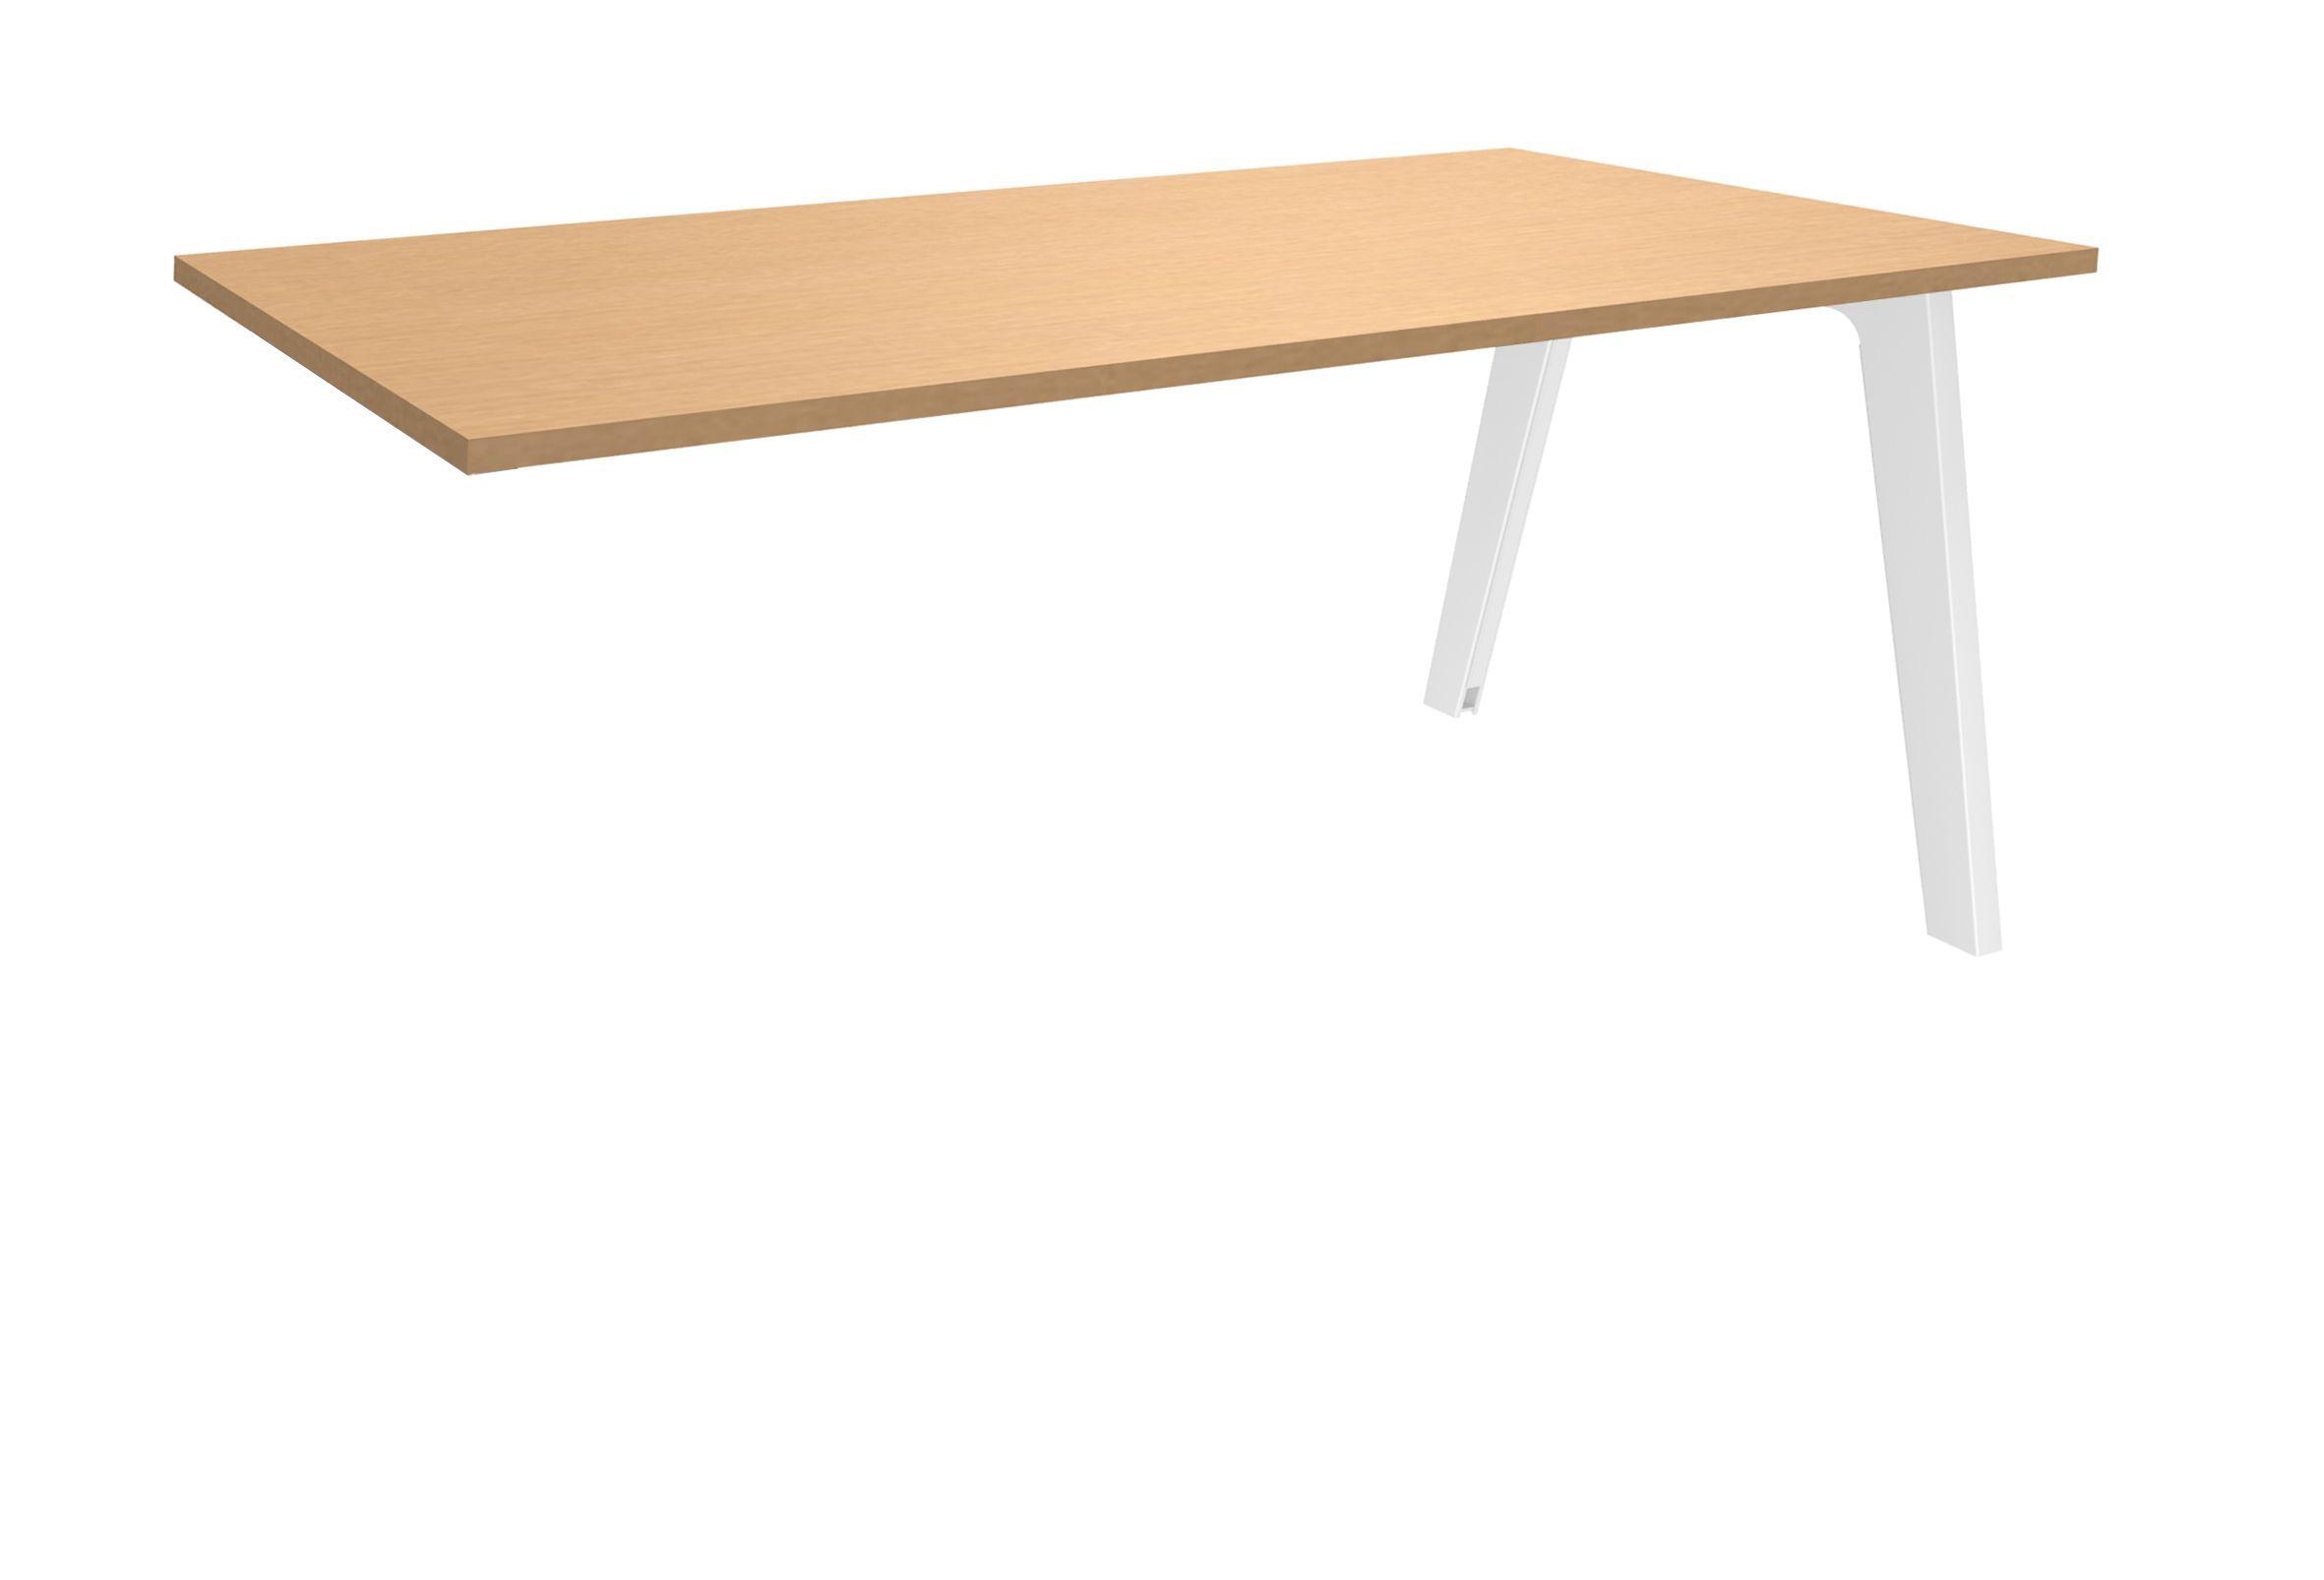 Bureau simple STEELY - L120 cm - Plan suivant - Pieds blanc - plateau imitation Hêtre